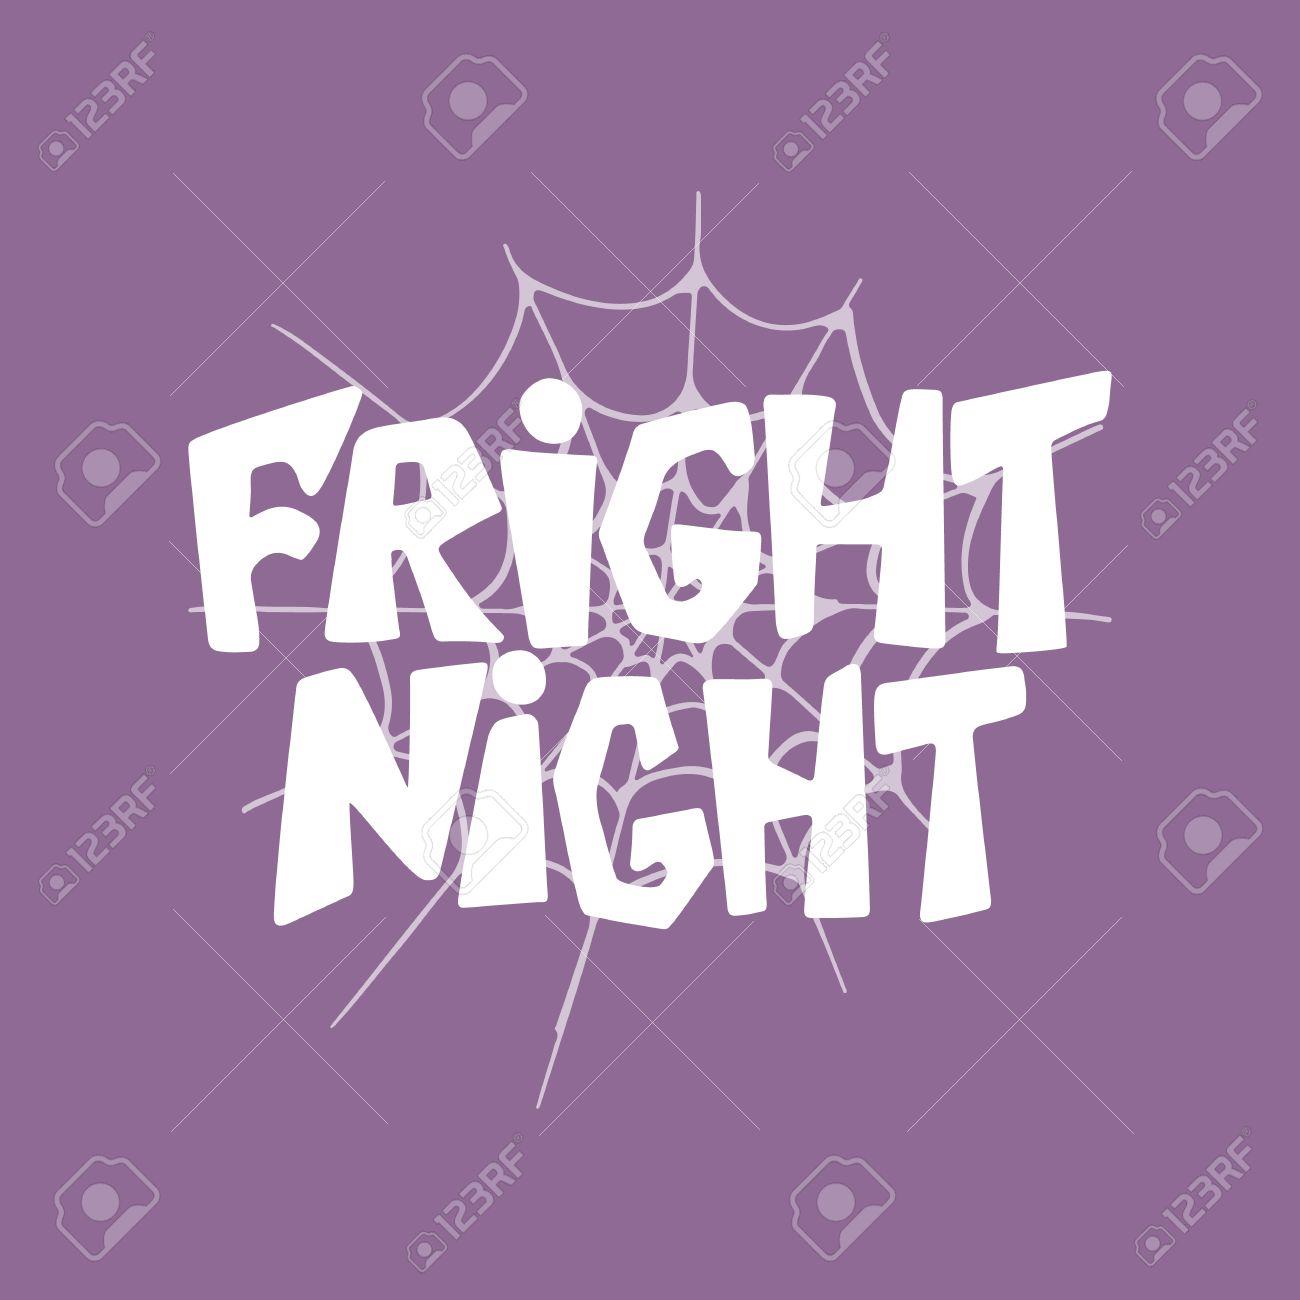 Noche Del Susto Halloween Letras Dibujado A Mano La Tarjeta Frase Partido Tarjeta De Felicitación De La Tipografía De La Diversión De Tinta